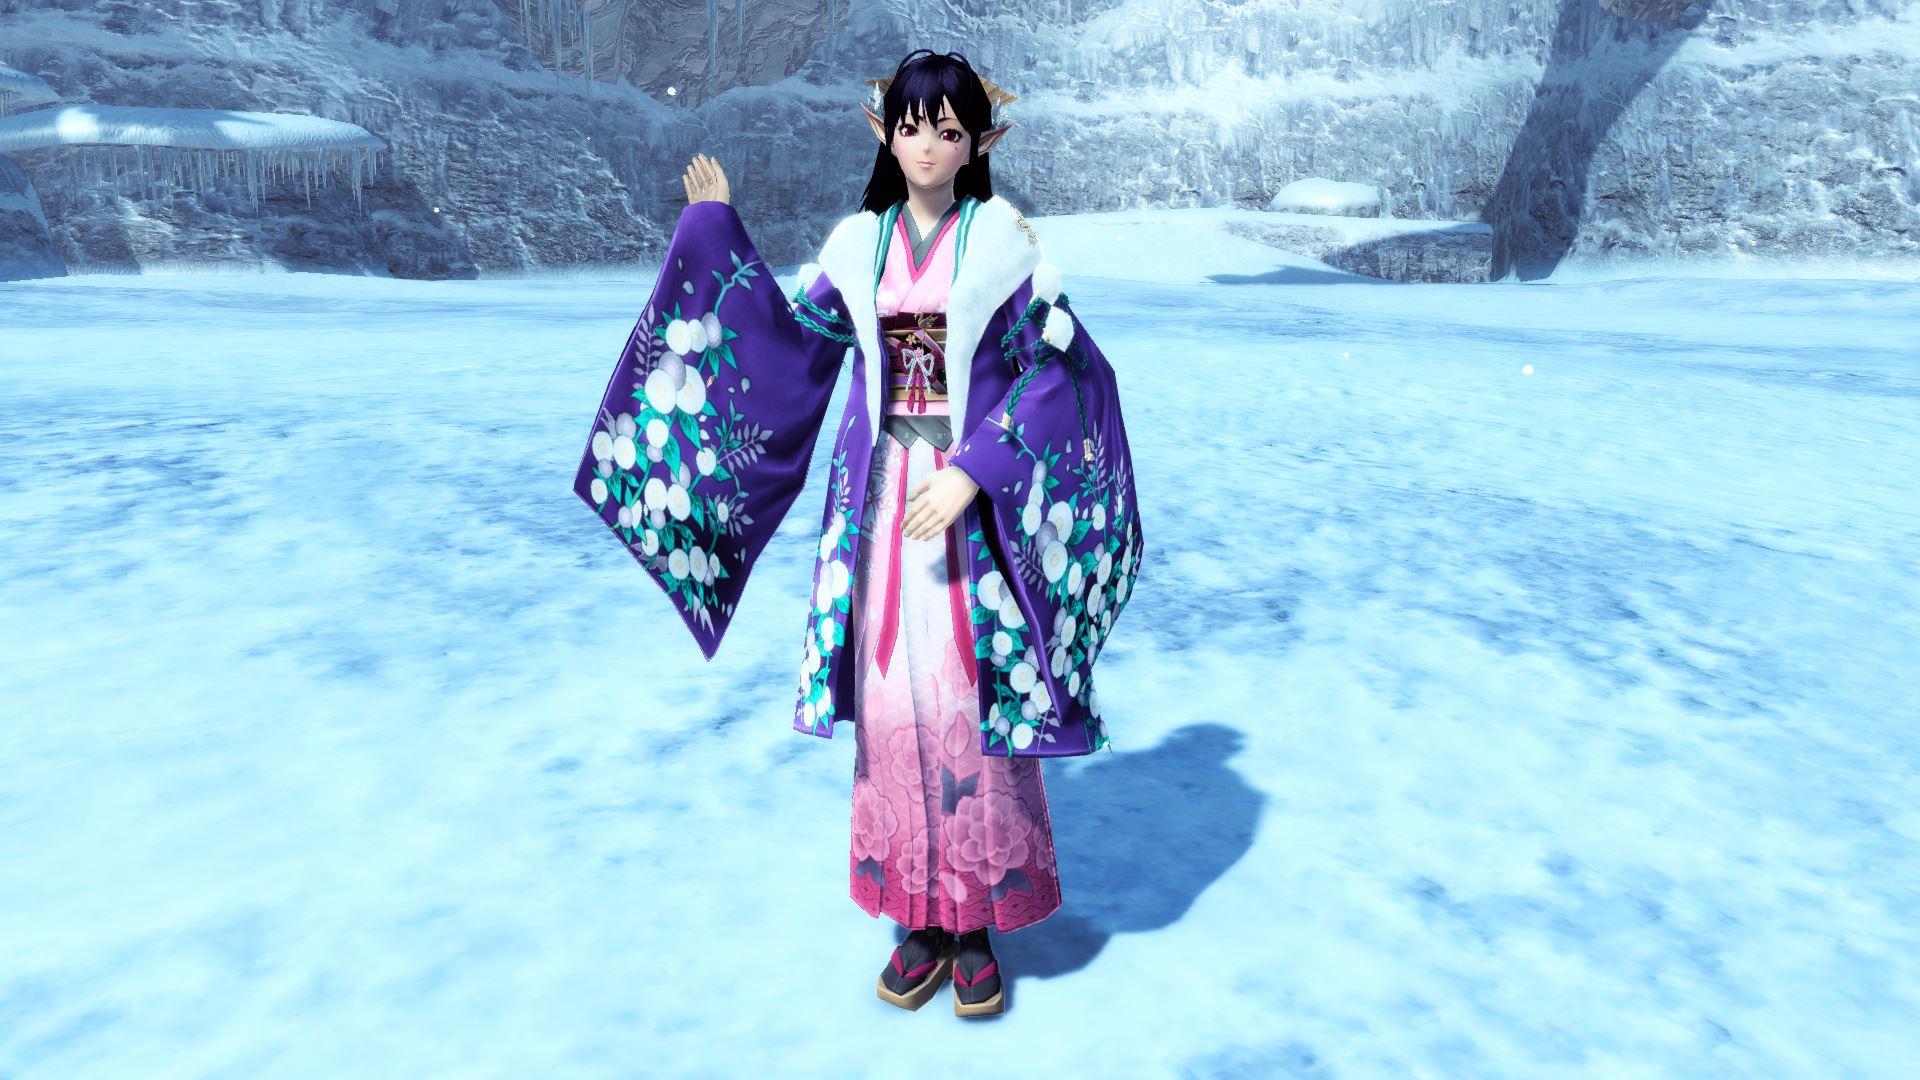 新たな年の訪れを祝い、仕立てられた雅やかな羽織。始まりを喜ぶかのように咲く花々が大変雅やかな逸品